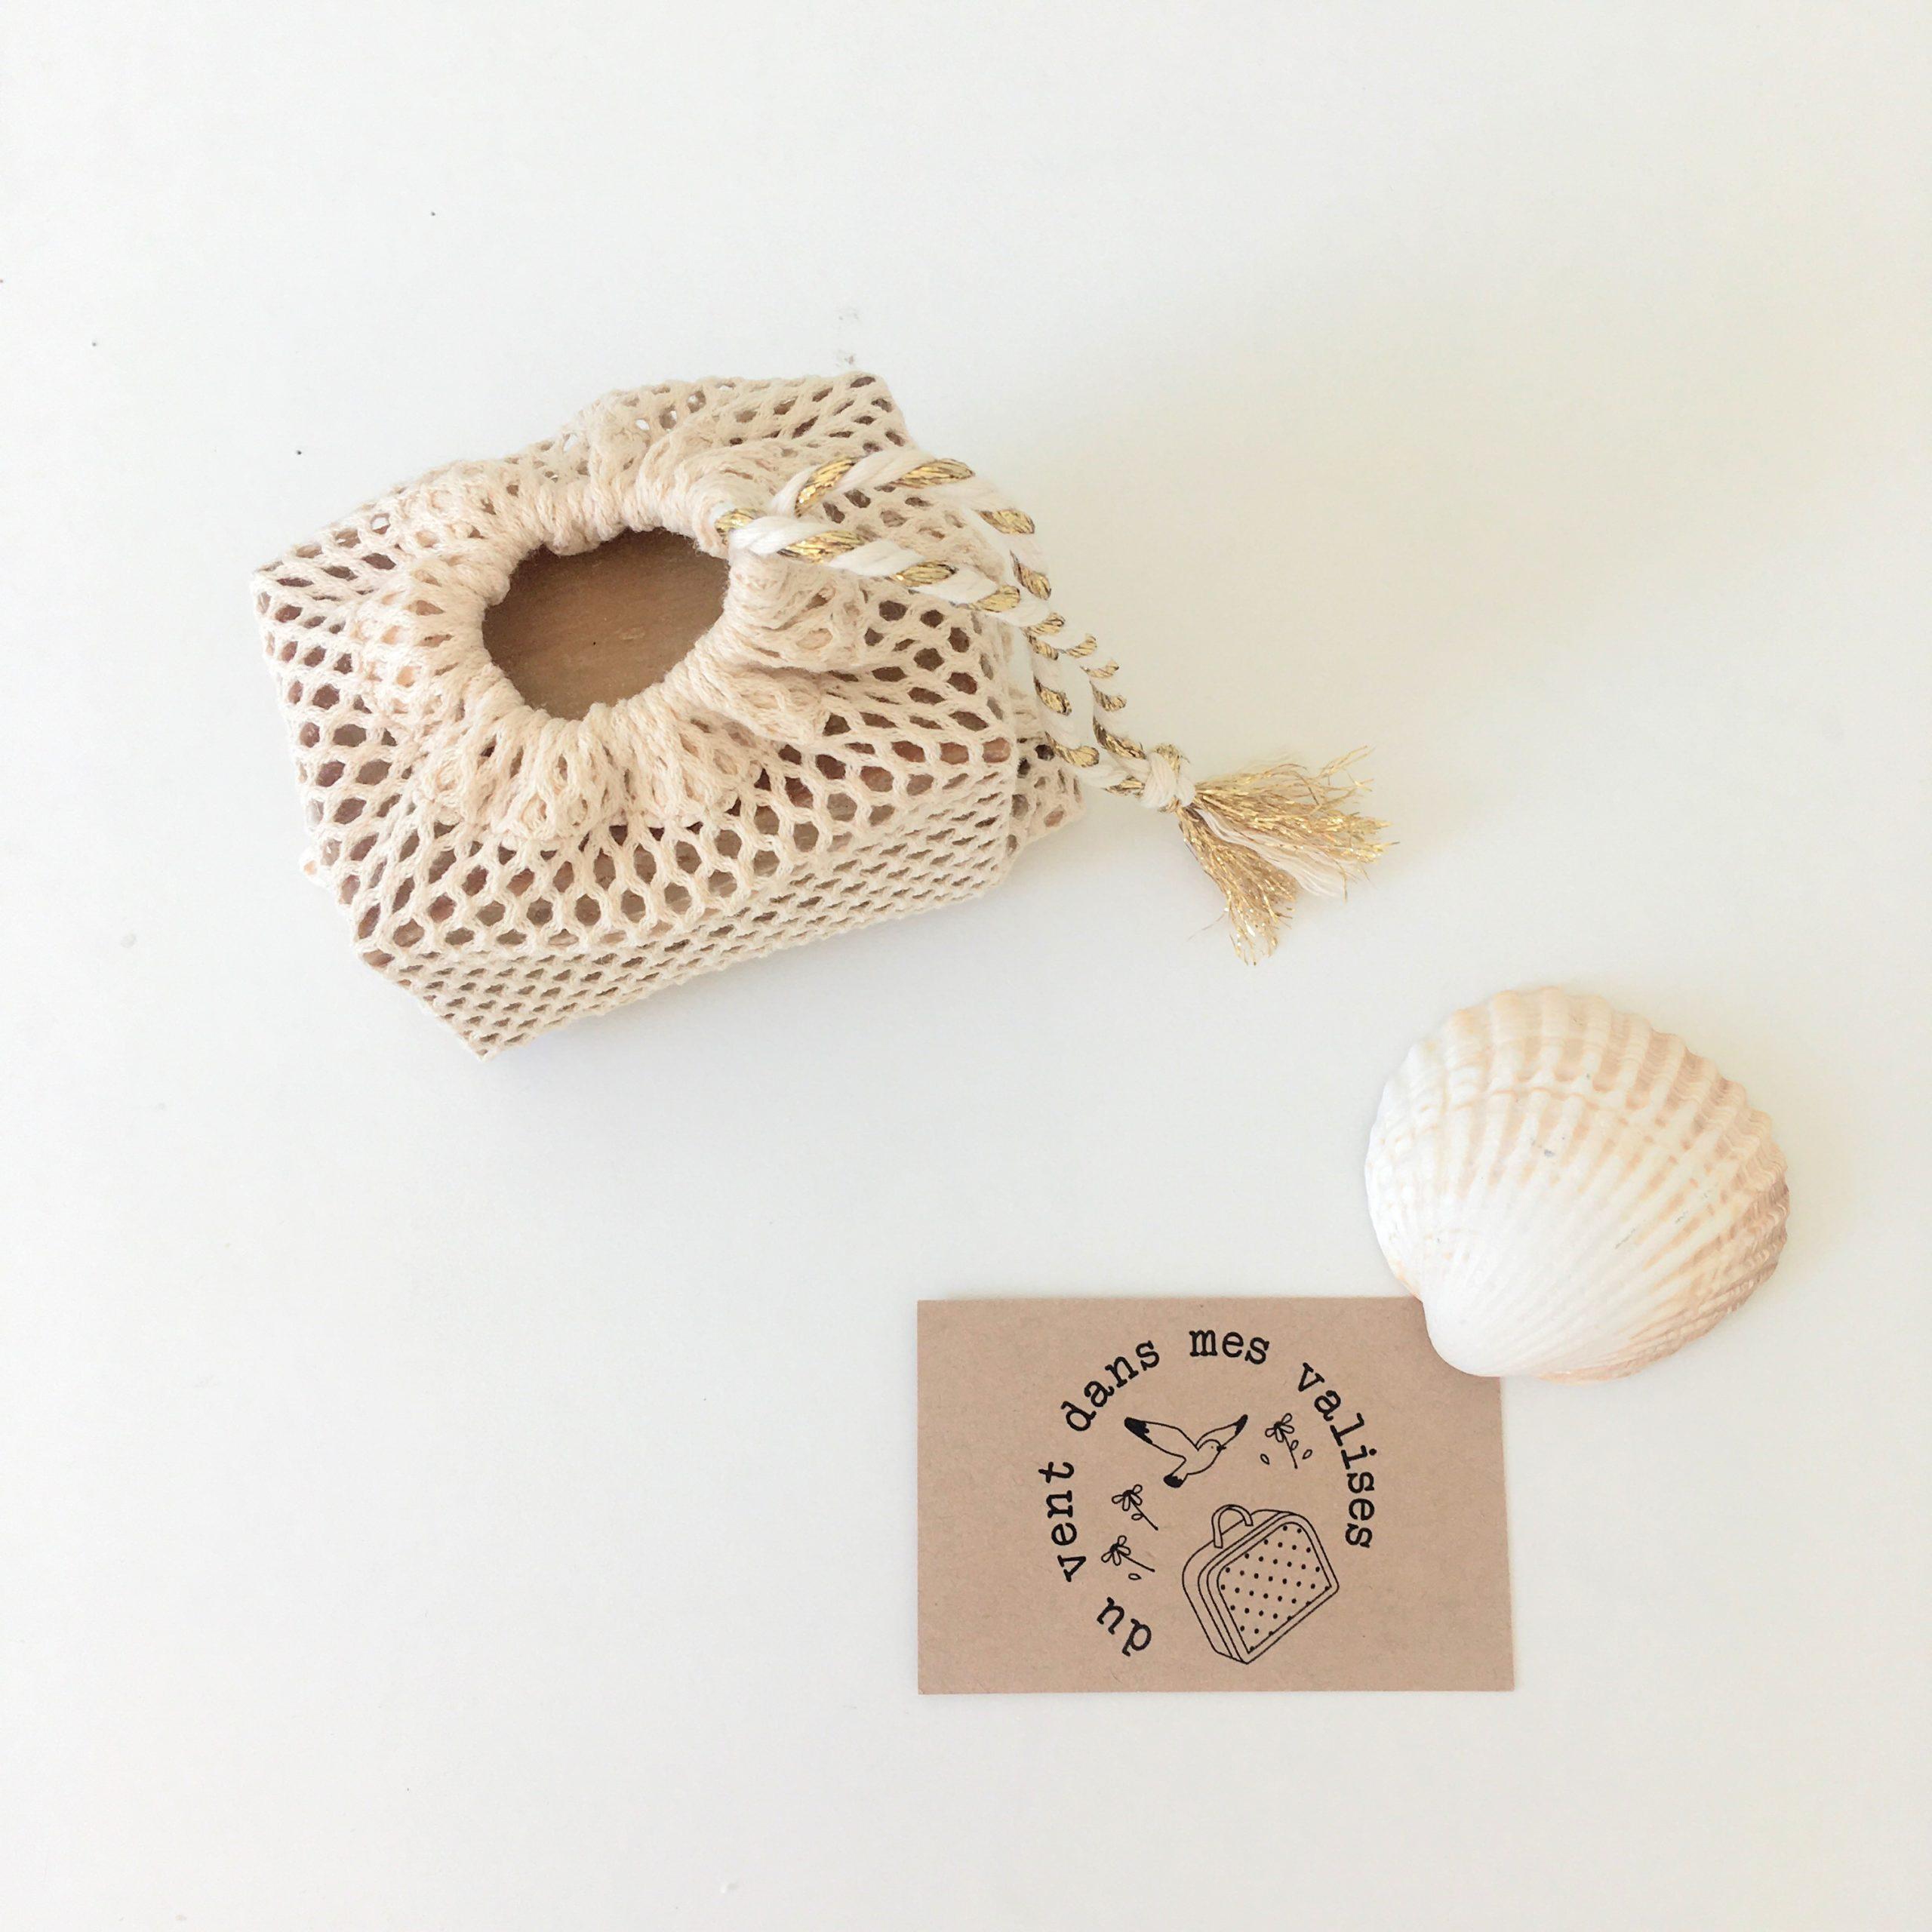 du vent dans mes valises - filet sauve savon naturel coton bio cordon recyclable made in France